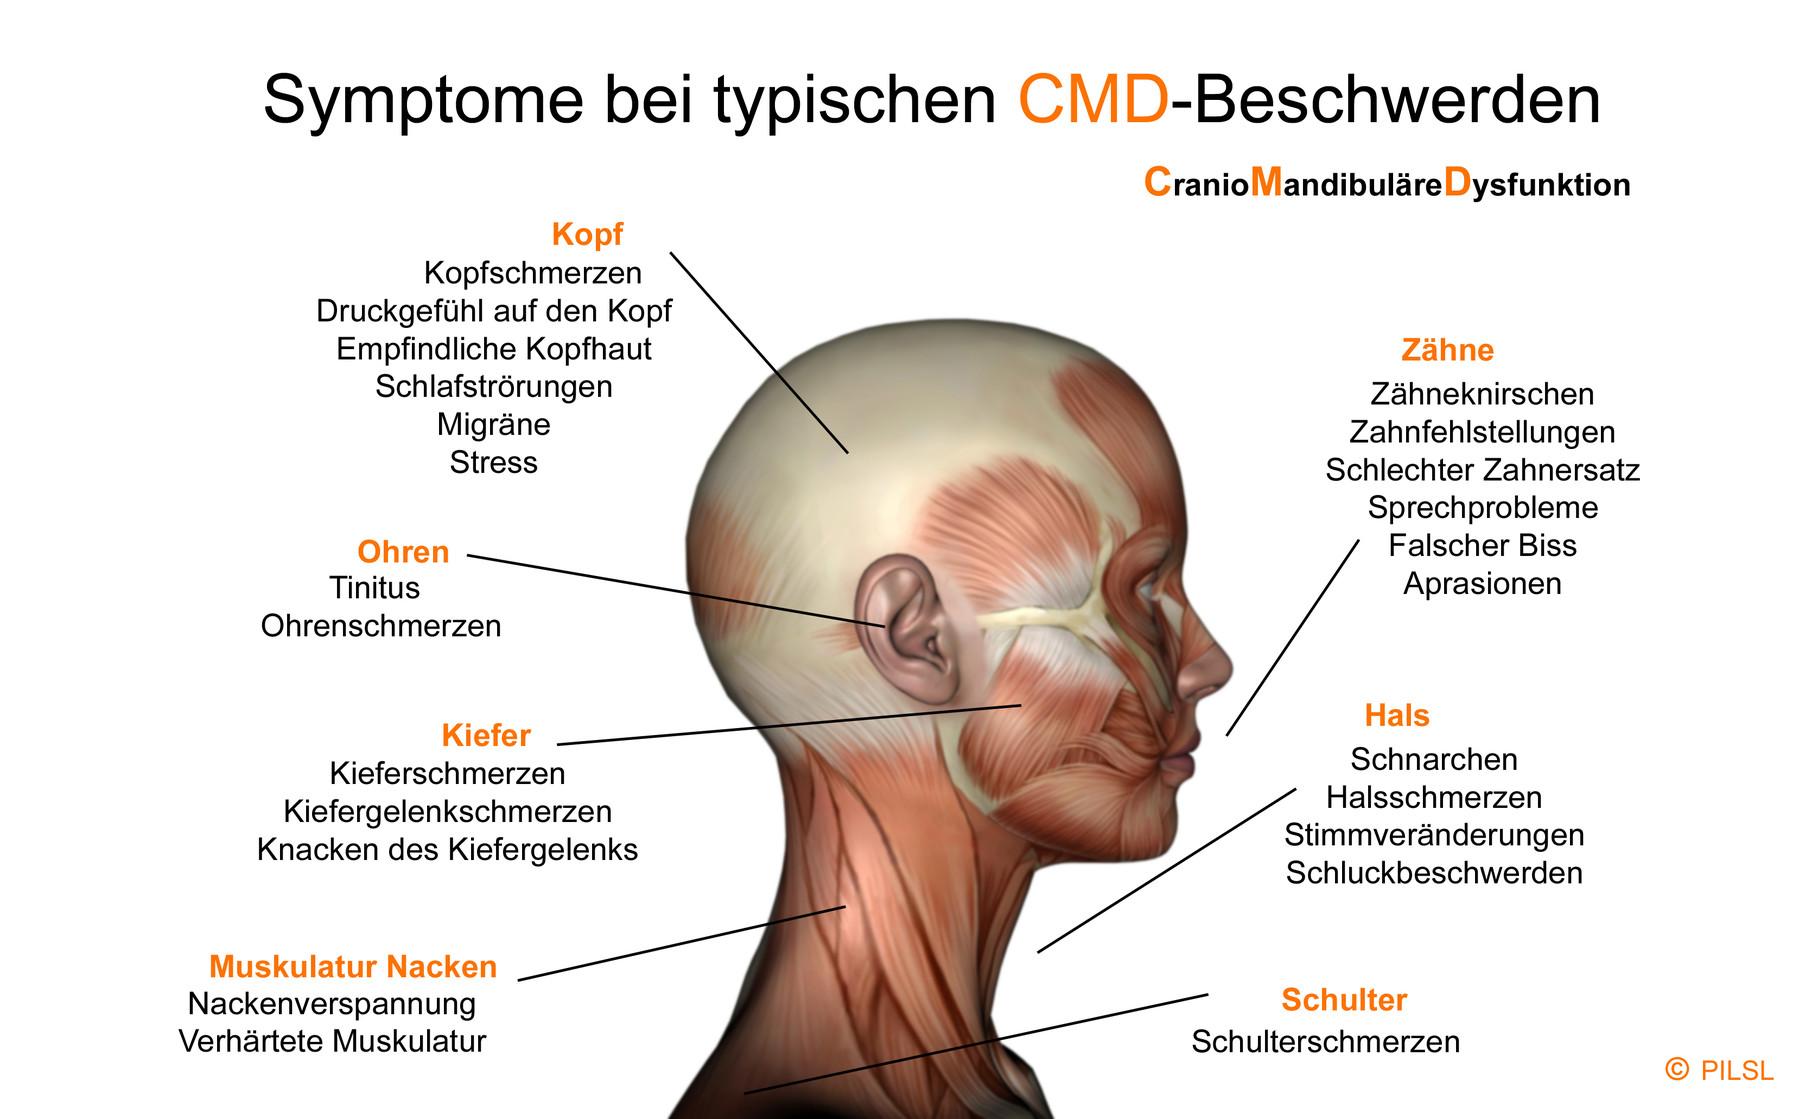 Beidseitige, einseitige Kieferschmerzen und Co. – welche Arten von Kieferschmerzen gibt es?